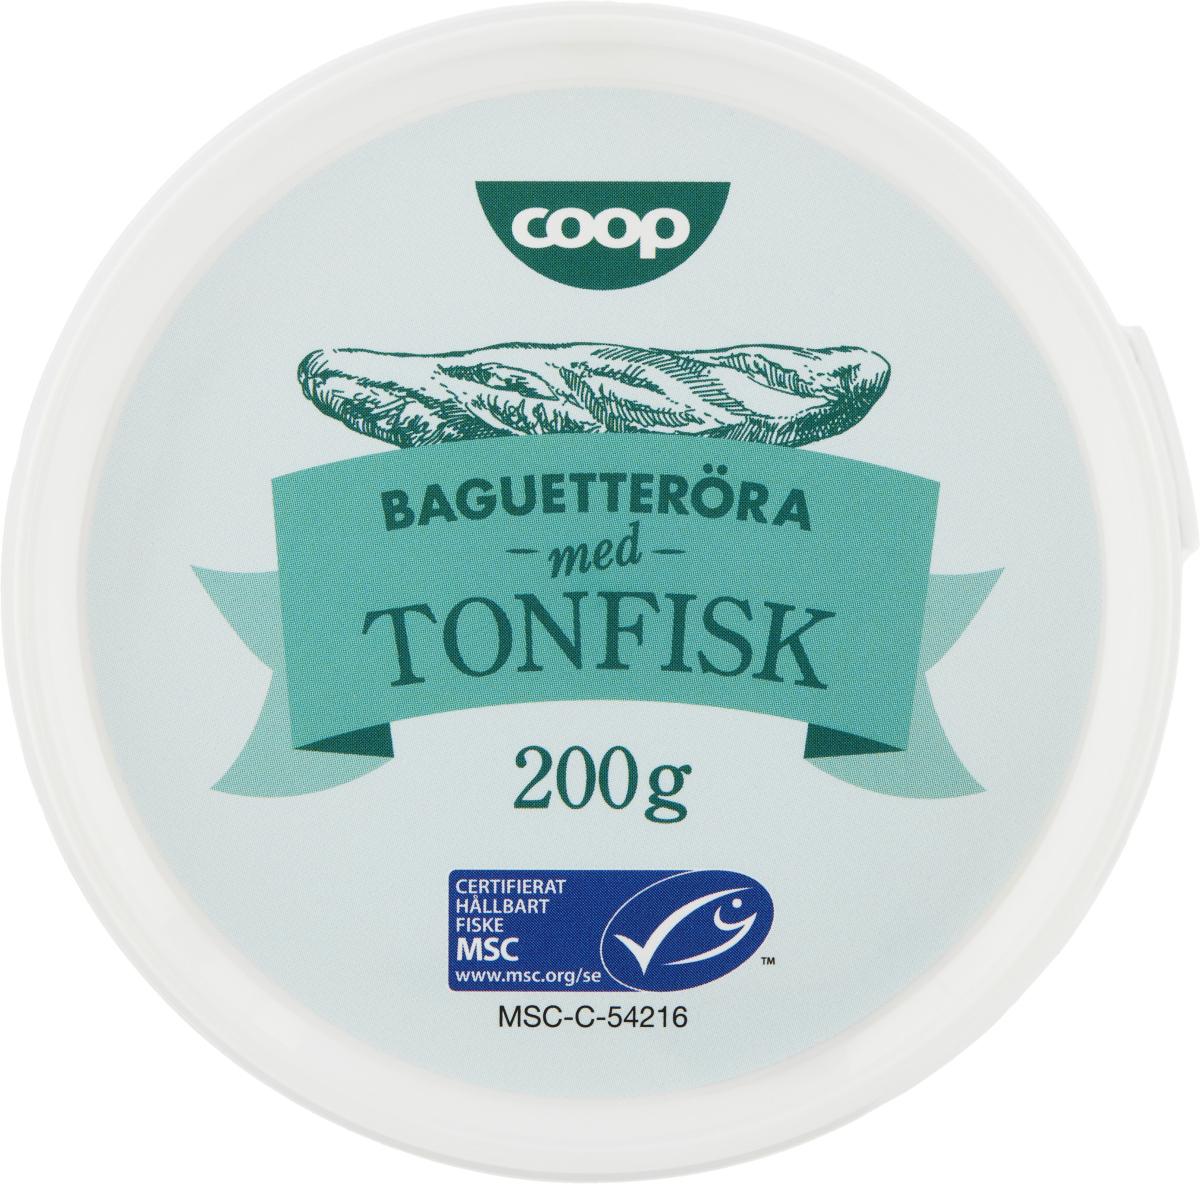 Coop Baguetteröra med Tonfisk, MSC-märkt